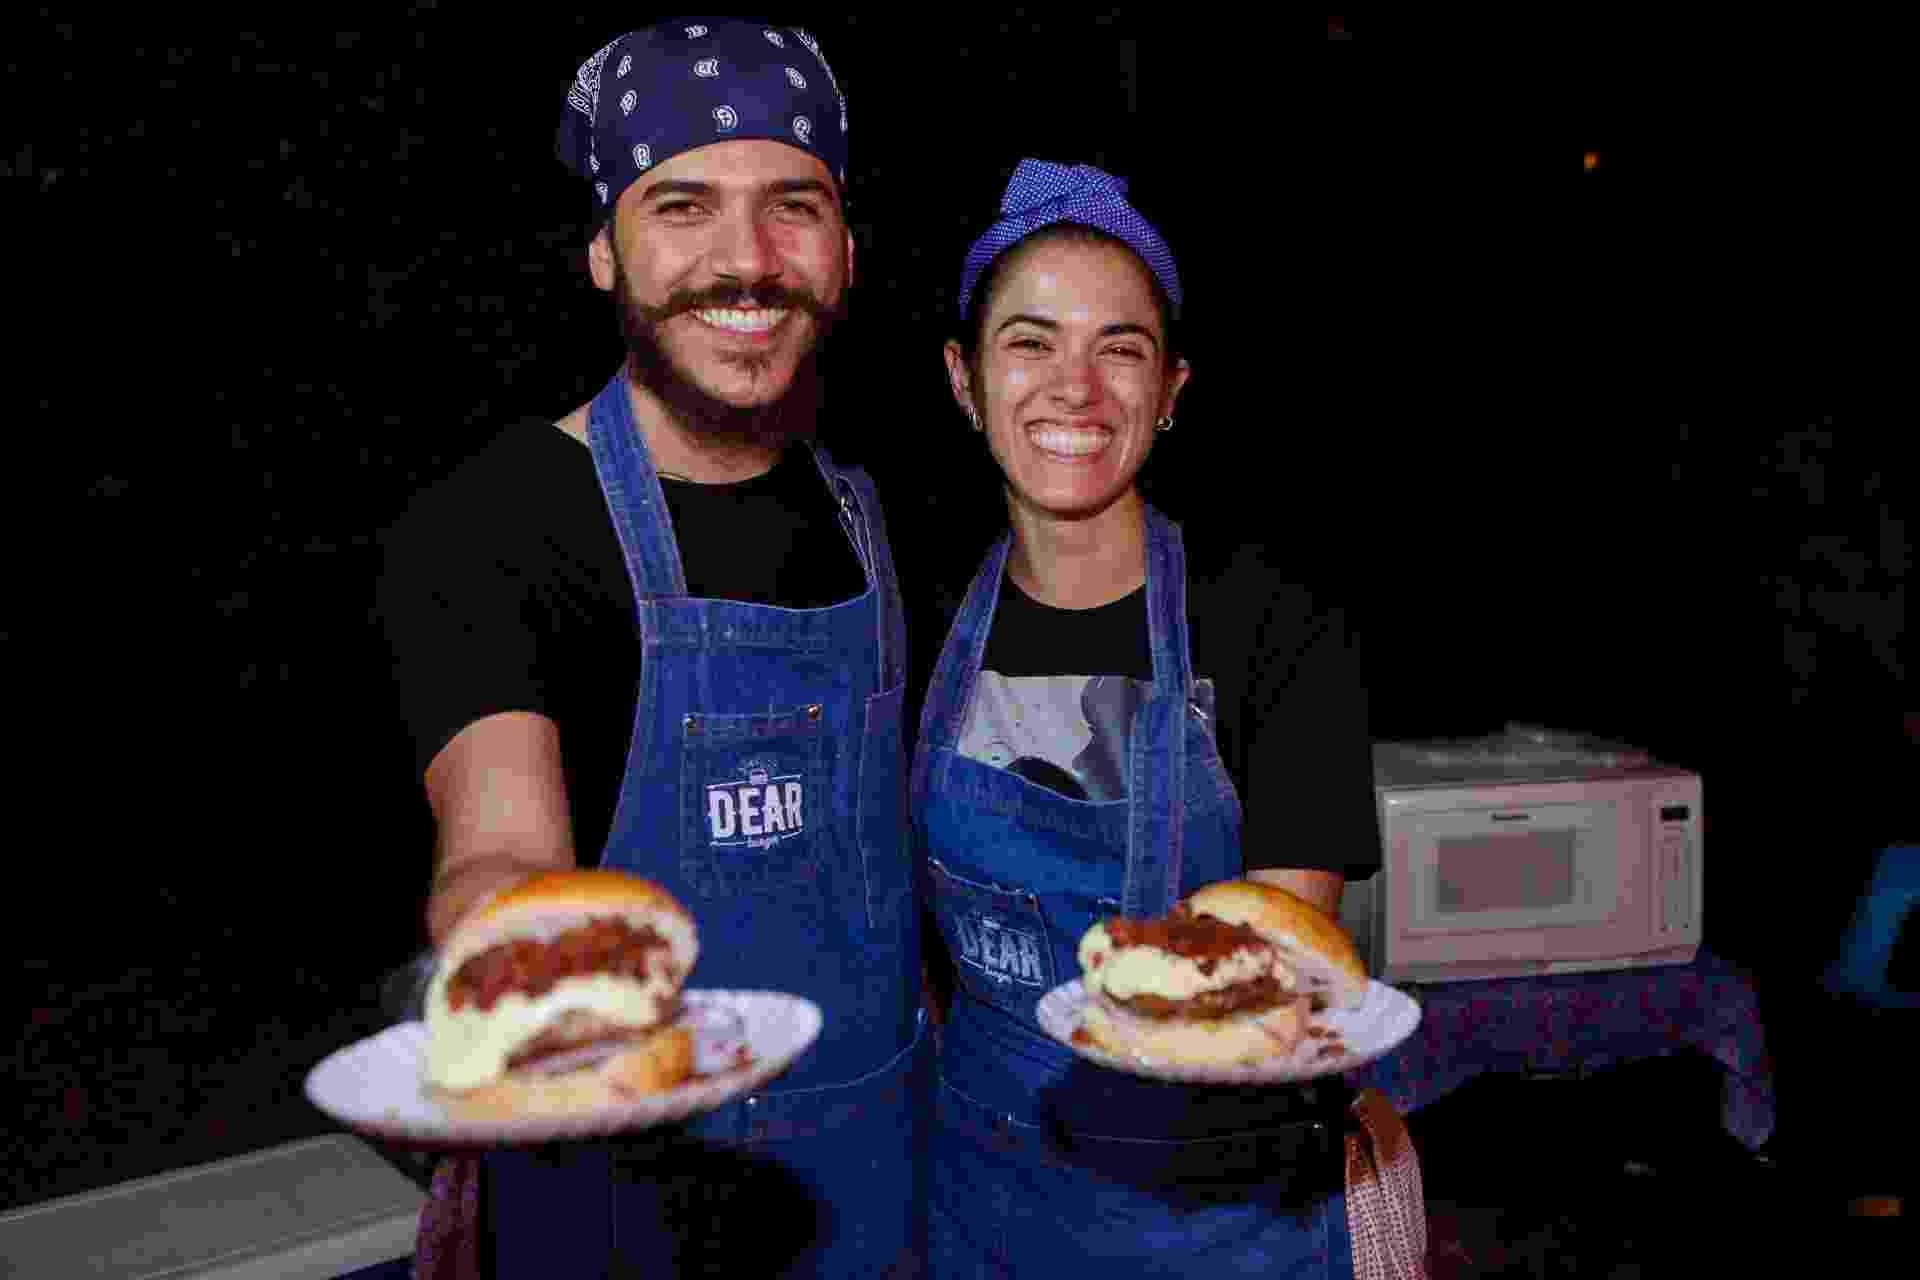 O casal de noivos Marina Alves Borges, 25, e Vanoni Parreira, 26, faz hamburgadas no quintal, em Uberlândia (MG), para juntar dinheiro para uma casa nova e casar - Mauro Marques/UOL